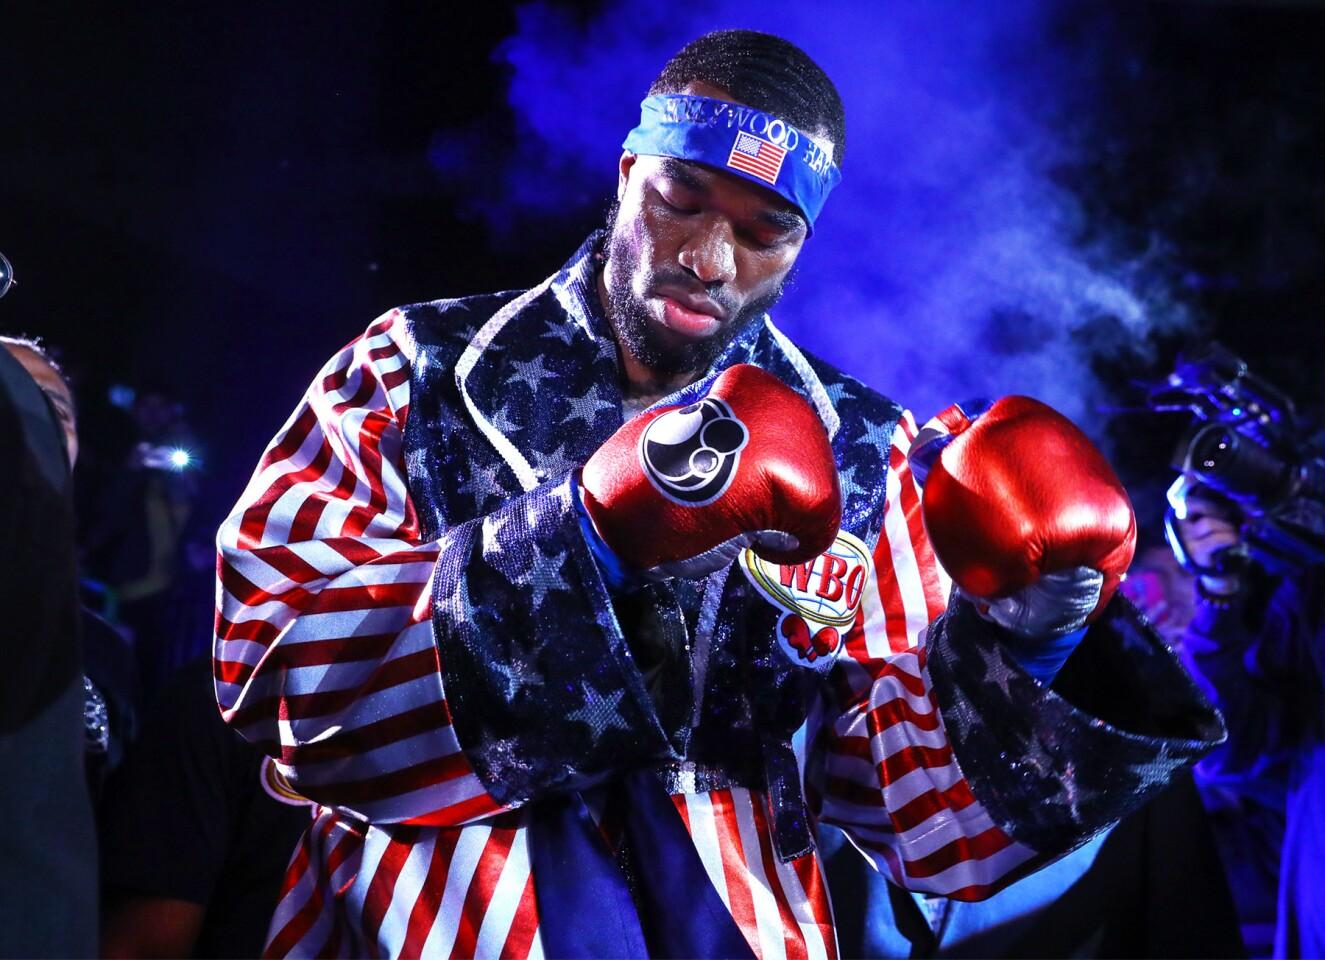 FOTOS: El 'Zurdo' Ramírez supera una lesión de brazo para retener su corona en Texas